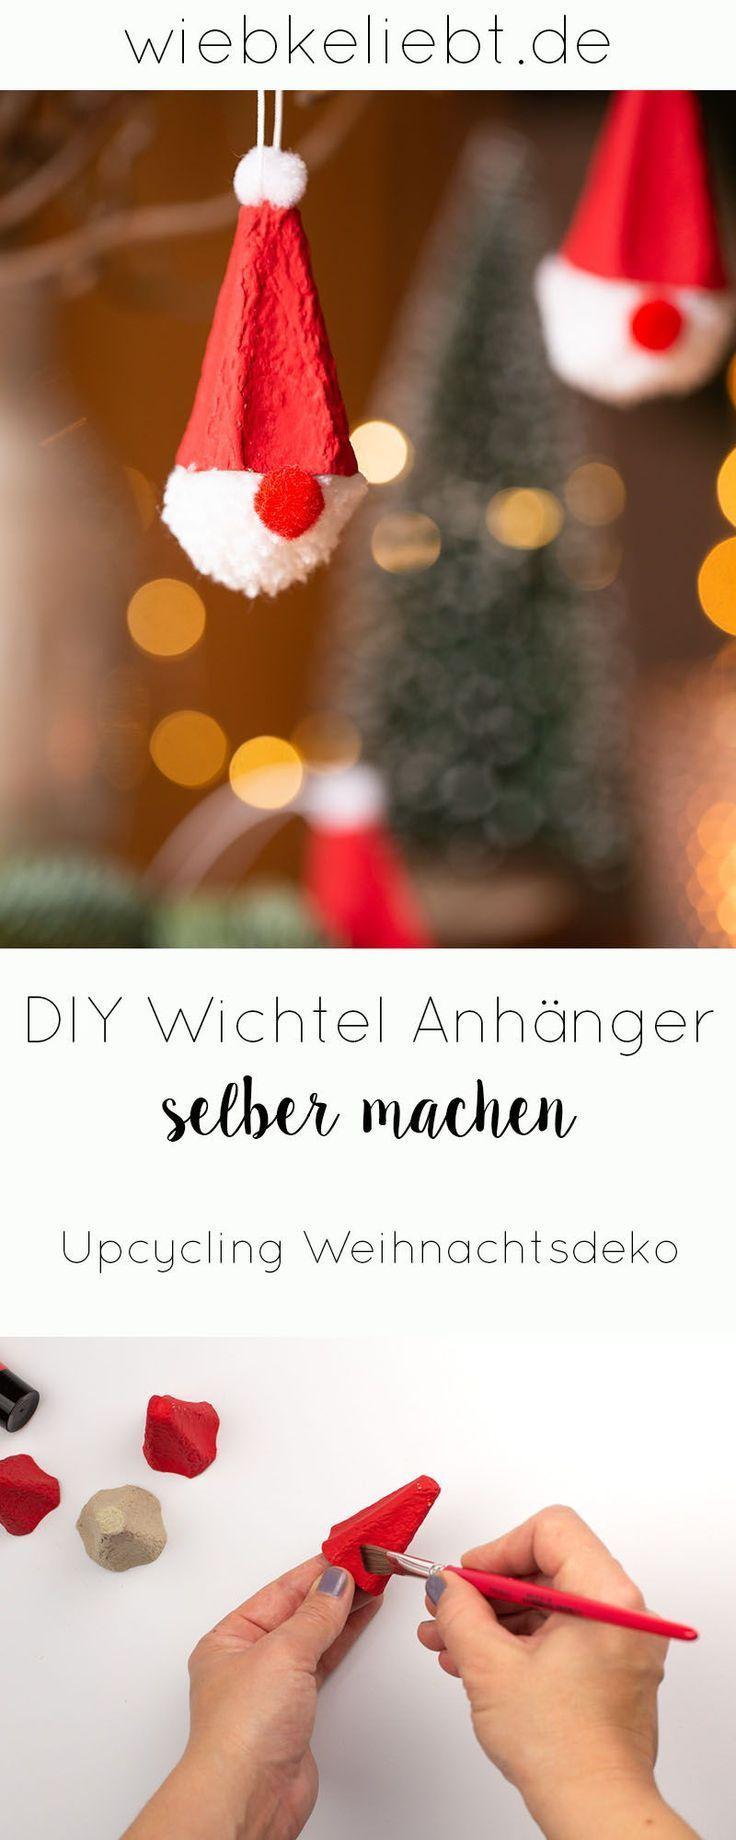 DIY Wichtel zu Weihnachten basteln als süße Weihnachtsdekoration. Die Anleitung für die Wichtel aus Eierkarton findest du auf wiebkeliebt.de #Wichtel #Weihnachten #Baumschmuck #Geschenkanhänger #Weihnachtswichtel